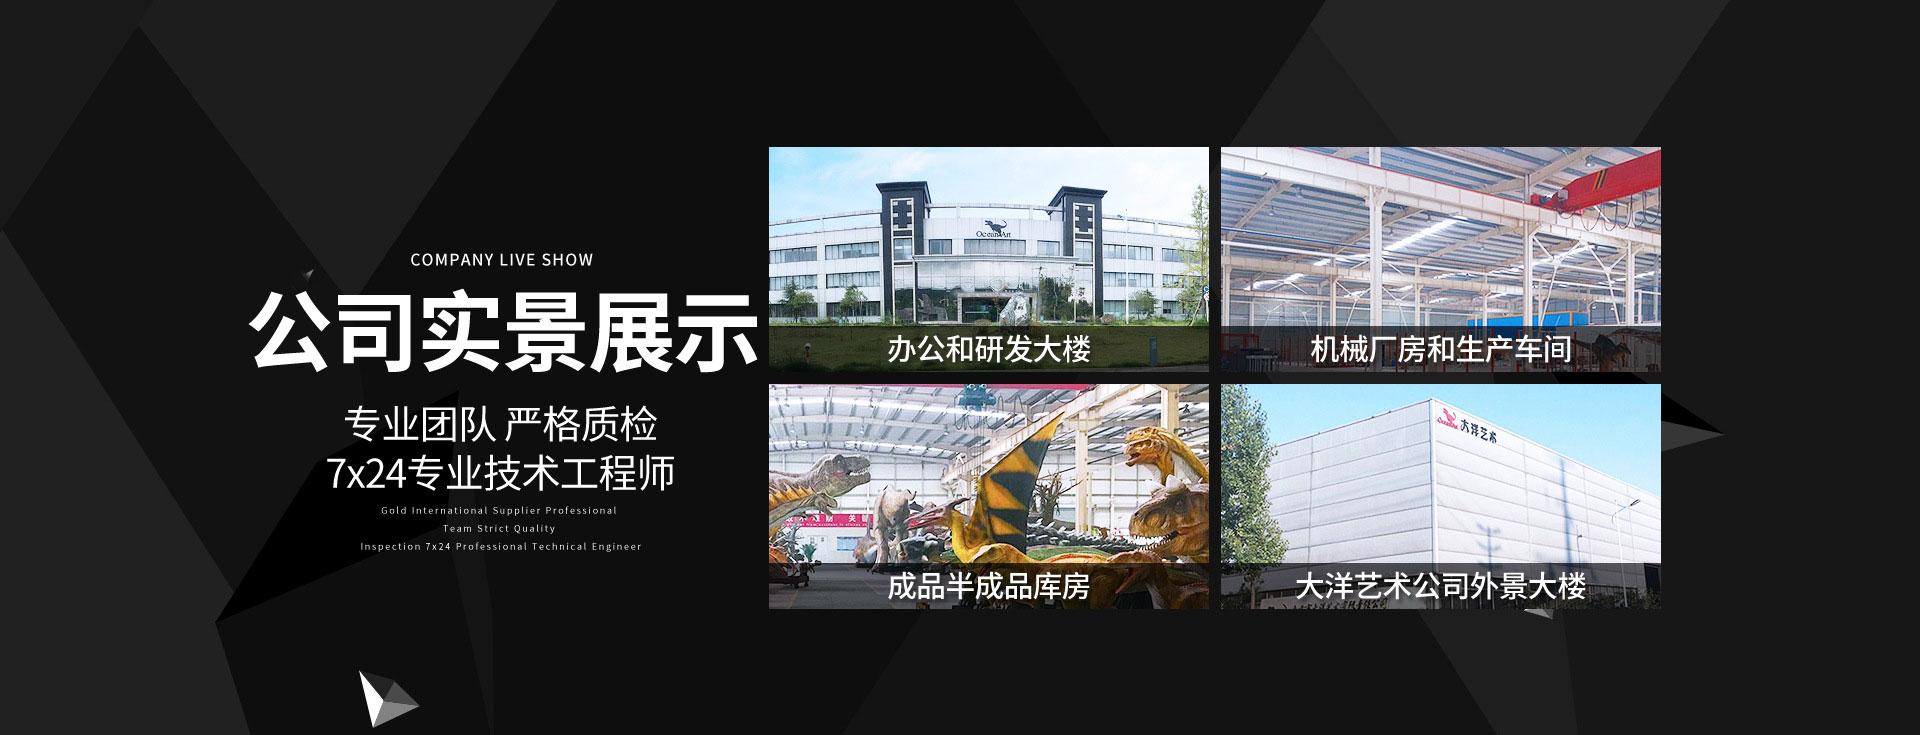 自贡龙8游戏官方网站登录艺术有限责任公司-工厂全景图